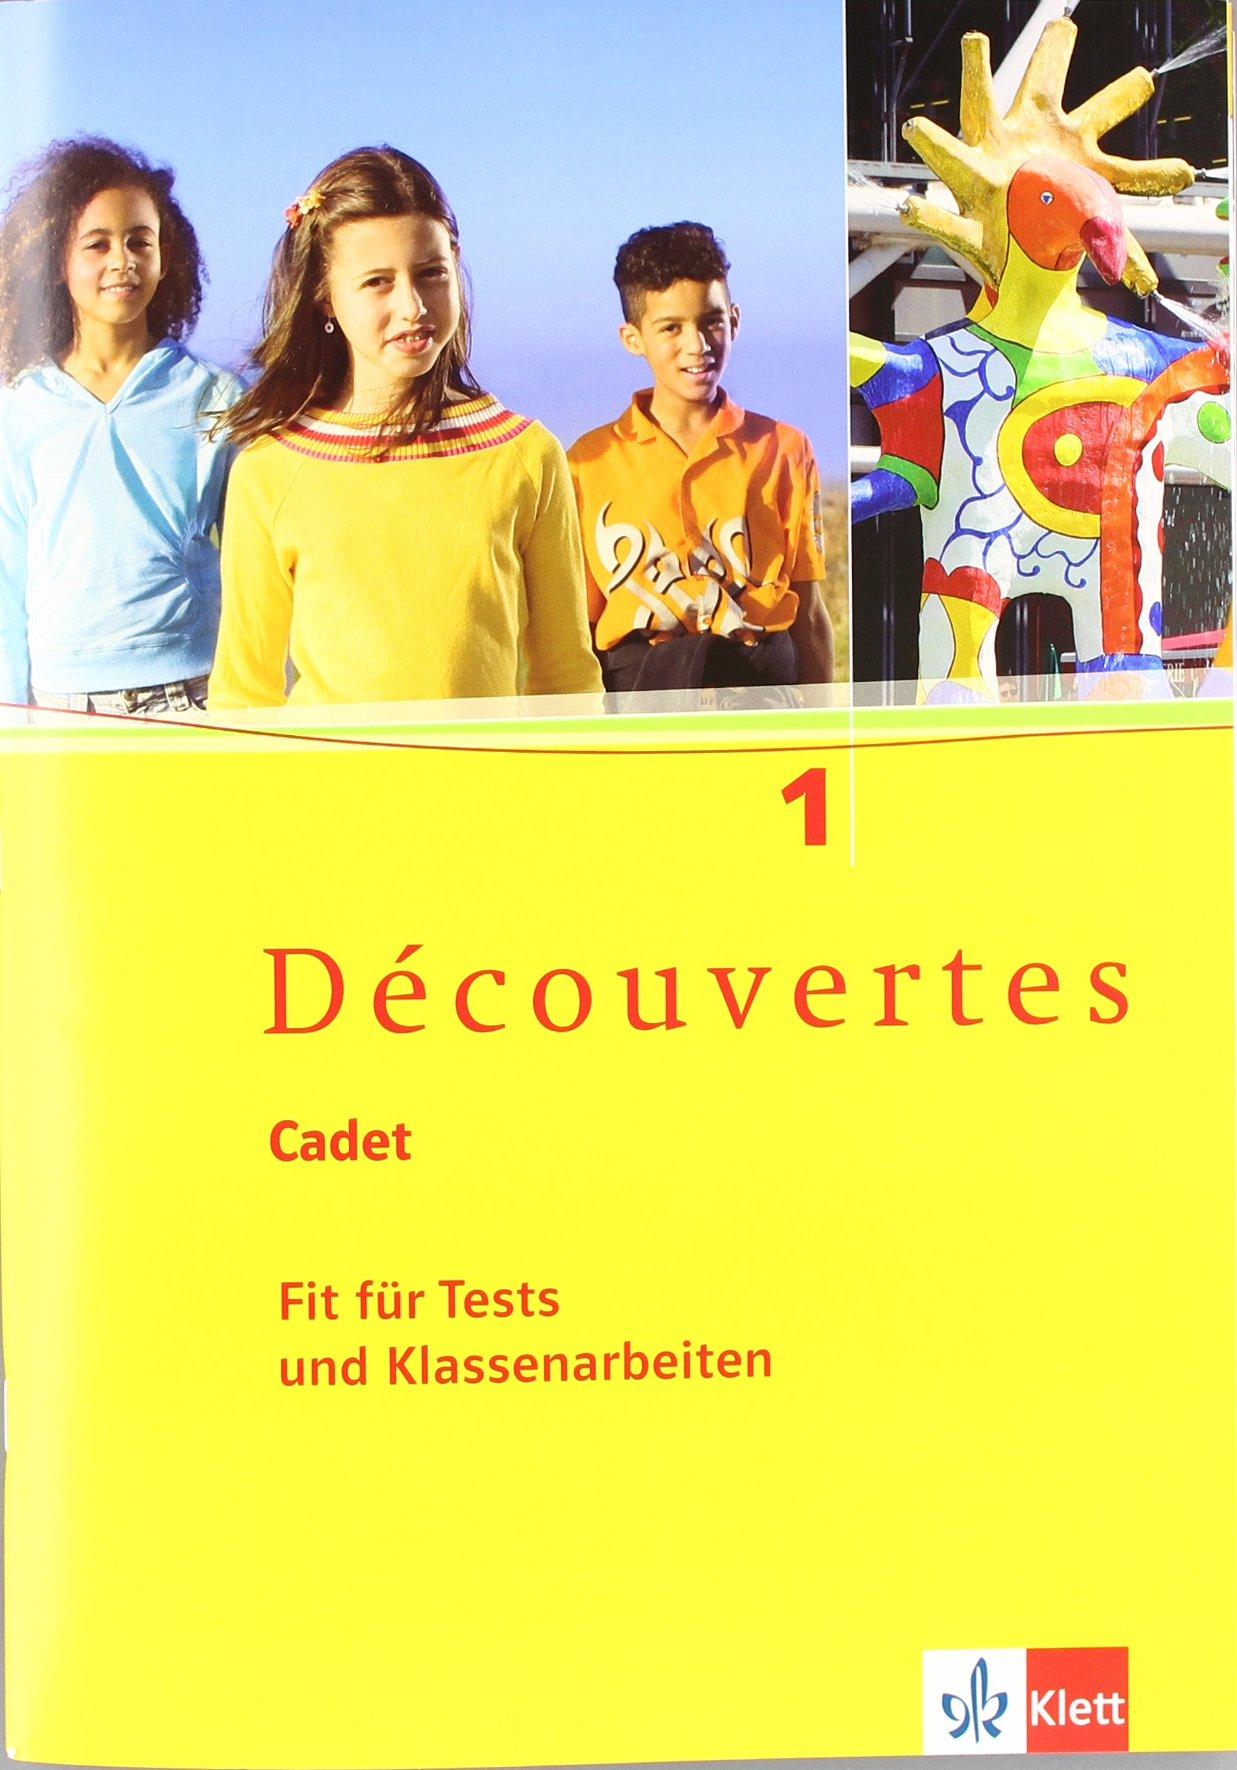 dcouvertes-cadet-das-neue-lehrwerk-speziell-fr-jngere-lerner-dcouvertes-cadet-fit-fr-tests-und-klassenarbeiten-1-arbeitsheft-mit-lsungen-und-cd-rom